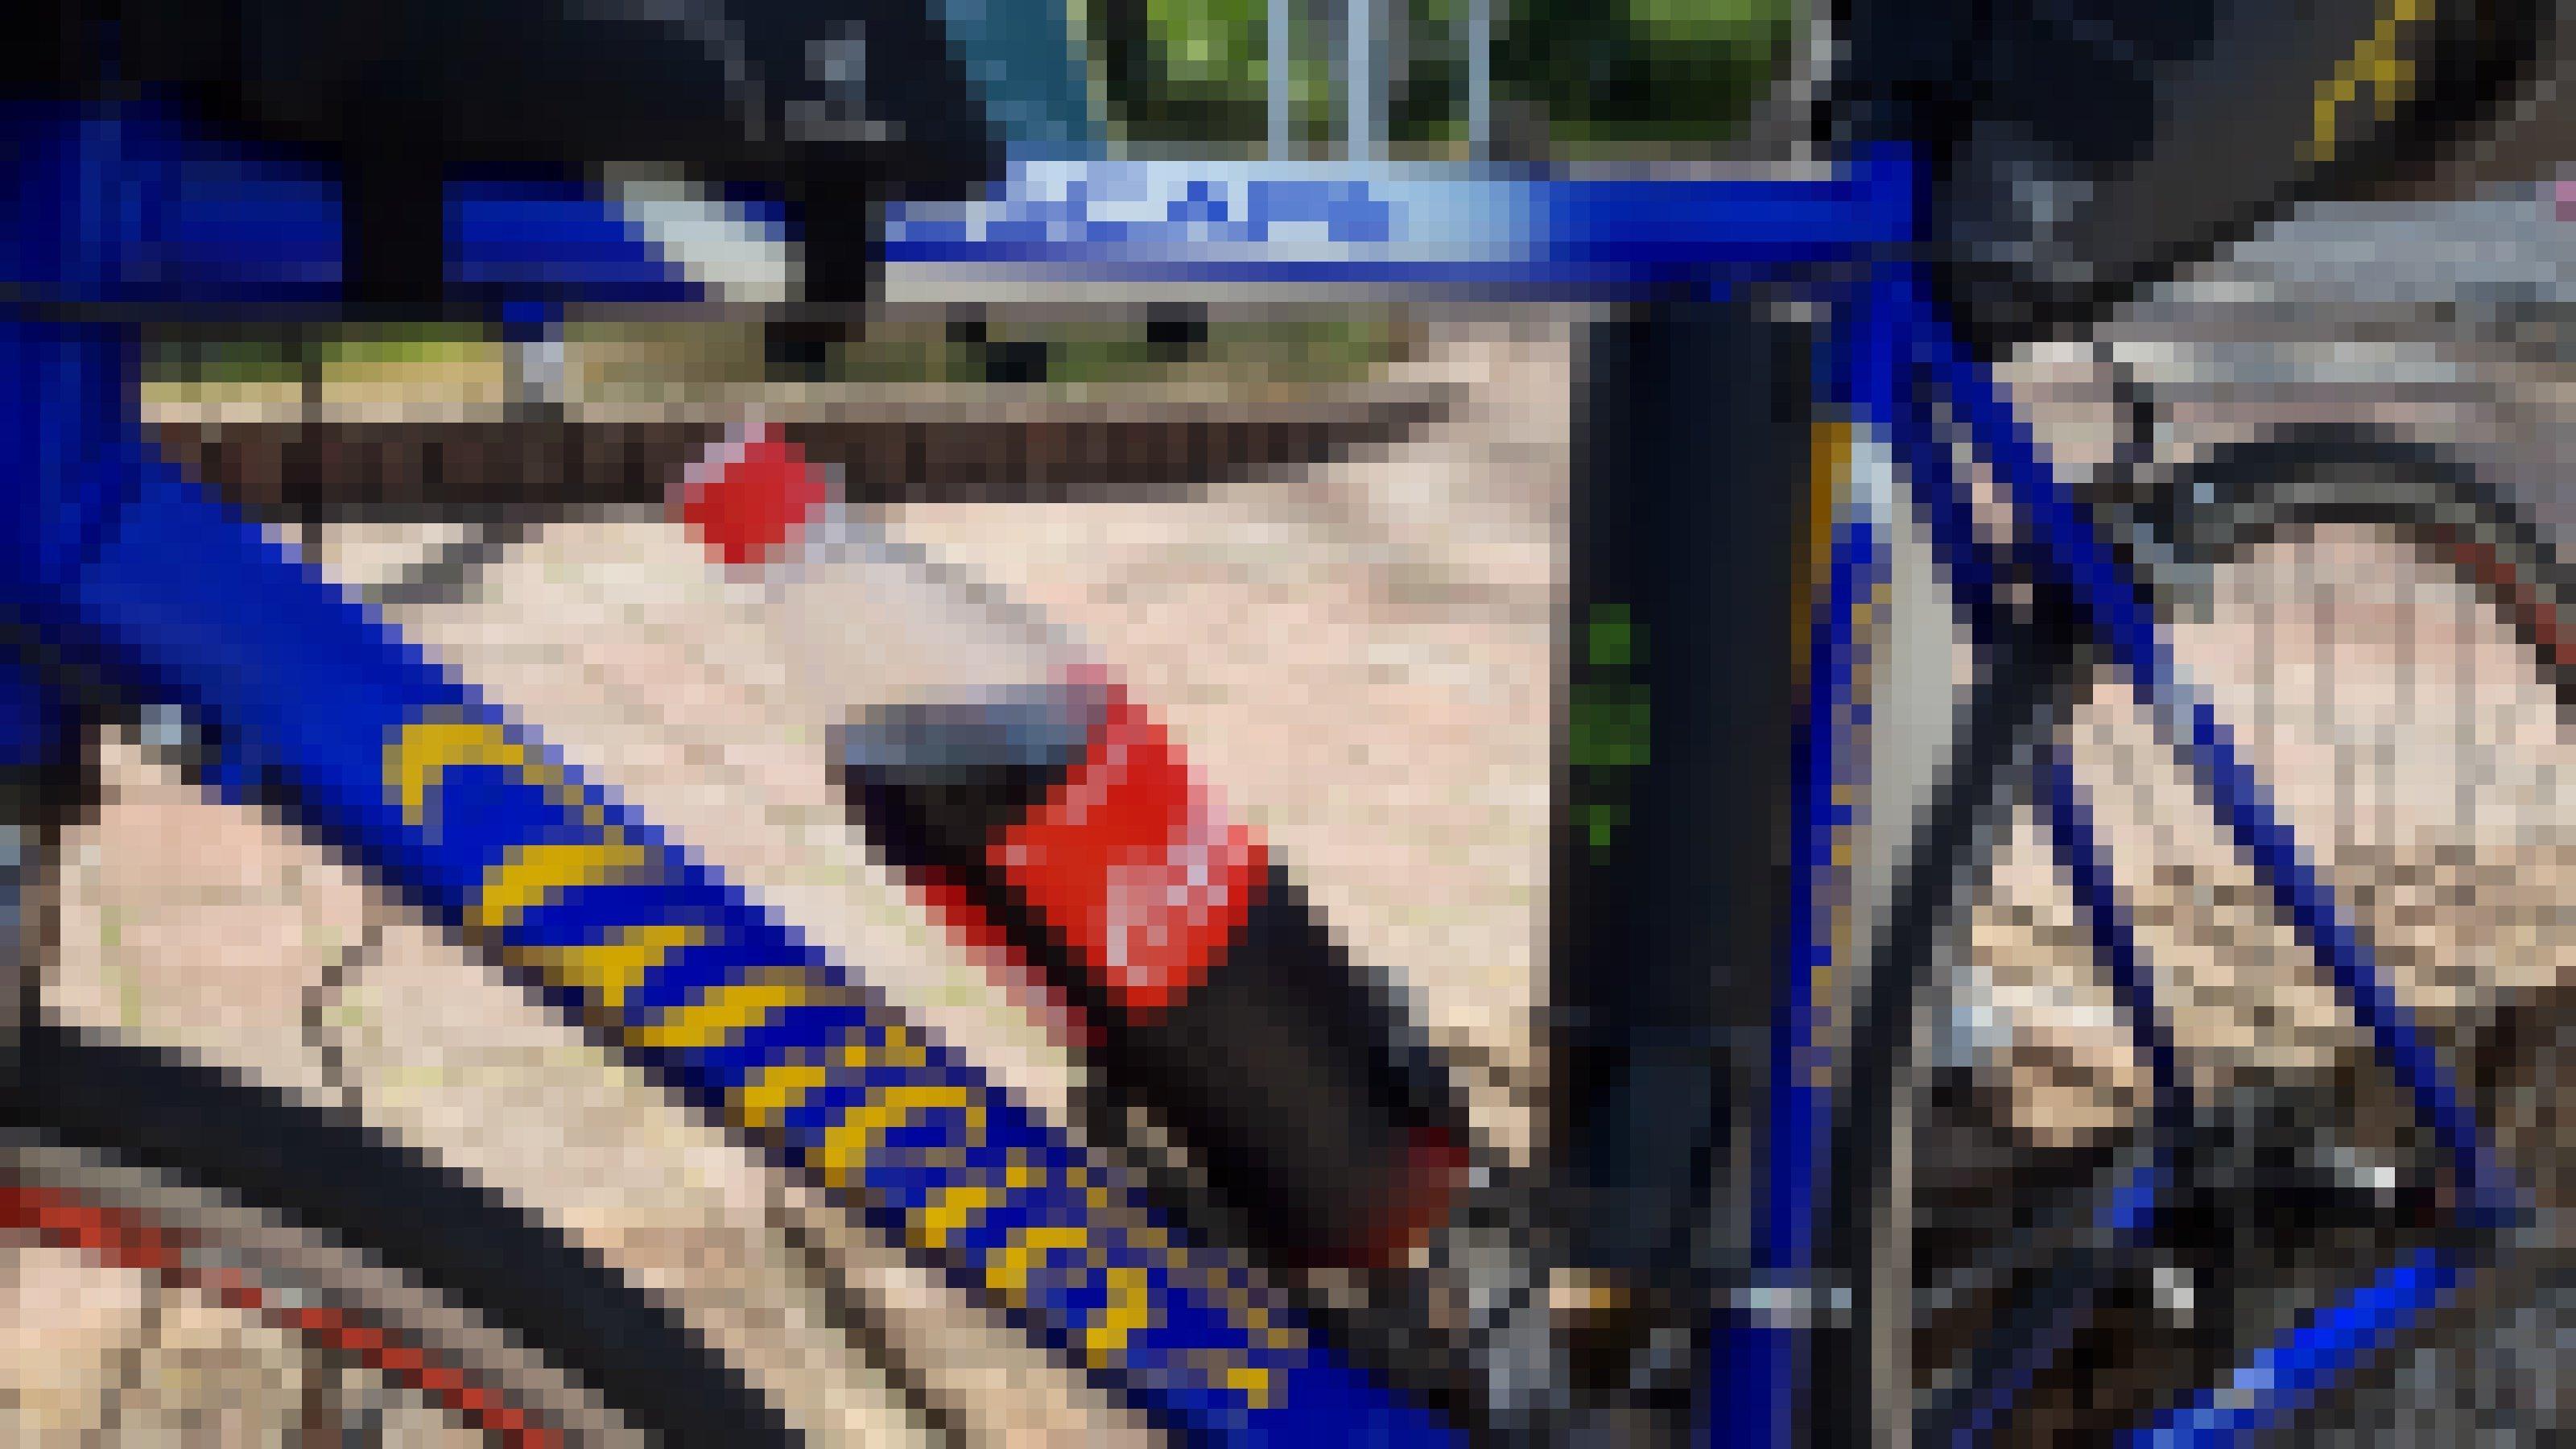 Detailaufnahme des Rennrads.